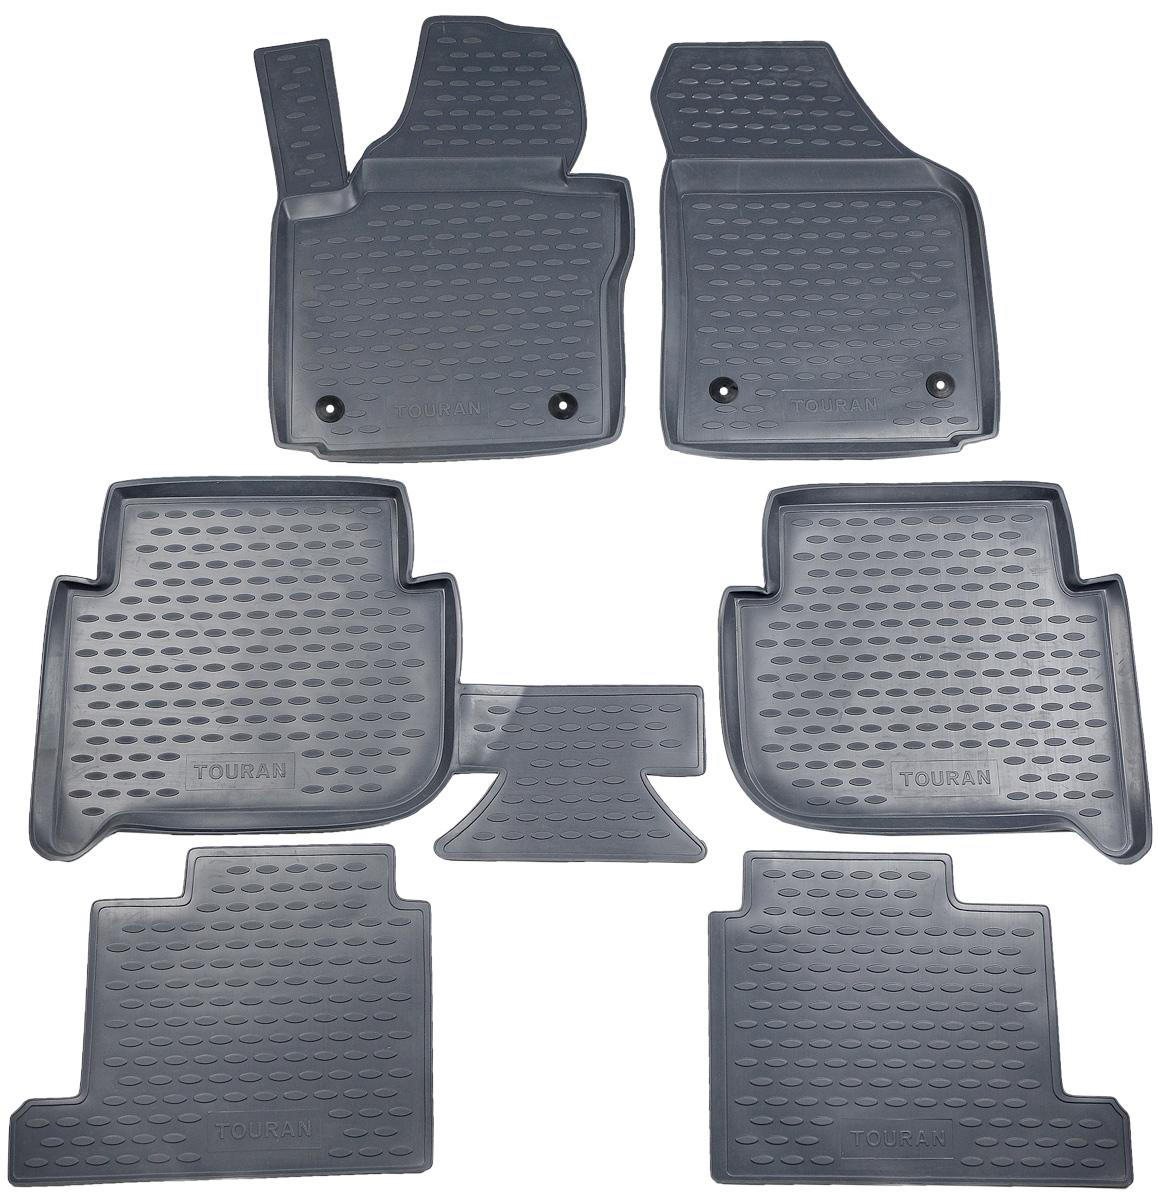 Коврики в салон автомобиля Novline-Autofamily, для Volkswagen Touran 11/2006->, 7 мест, 6 штNLC.51.20.211kКоврики в салон Novline-Autofamily не только улучшат внешний вид салона вашего автомобиля, но и надежно уберегут его от пыли, грязи и сырости, а значит, защитят кузов от коррозии. Полиуретановые коврики для автомобиля гладкие, приятные и не пропускают влагу. Автомобильные коврики в салон учитывают все особенности каждой модели и полностью повторяют контуры пола. Благодаря этому их не нужно будет подгибать или обрезать. И самое главное - они не будут мешать педалям. Полиуретановые автомобильные коврики для салона произведены из высококачественного материала, который держит форму и не пачкает обувь. К тому же, этот материал очень прочный (его, к примеру, не получится проткнуть каблуком). Некоторые автоковрики становятся источником неприятного запаха в автомобиле. С полиуретановыми ковриками Novline-Autofamily вы можете этого не бояться. Коврики для автомобилей надежно крепятся на полу и не скользят, что очень важно во время движения, особенно для водителя. ...